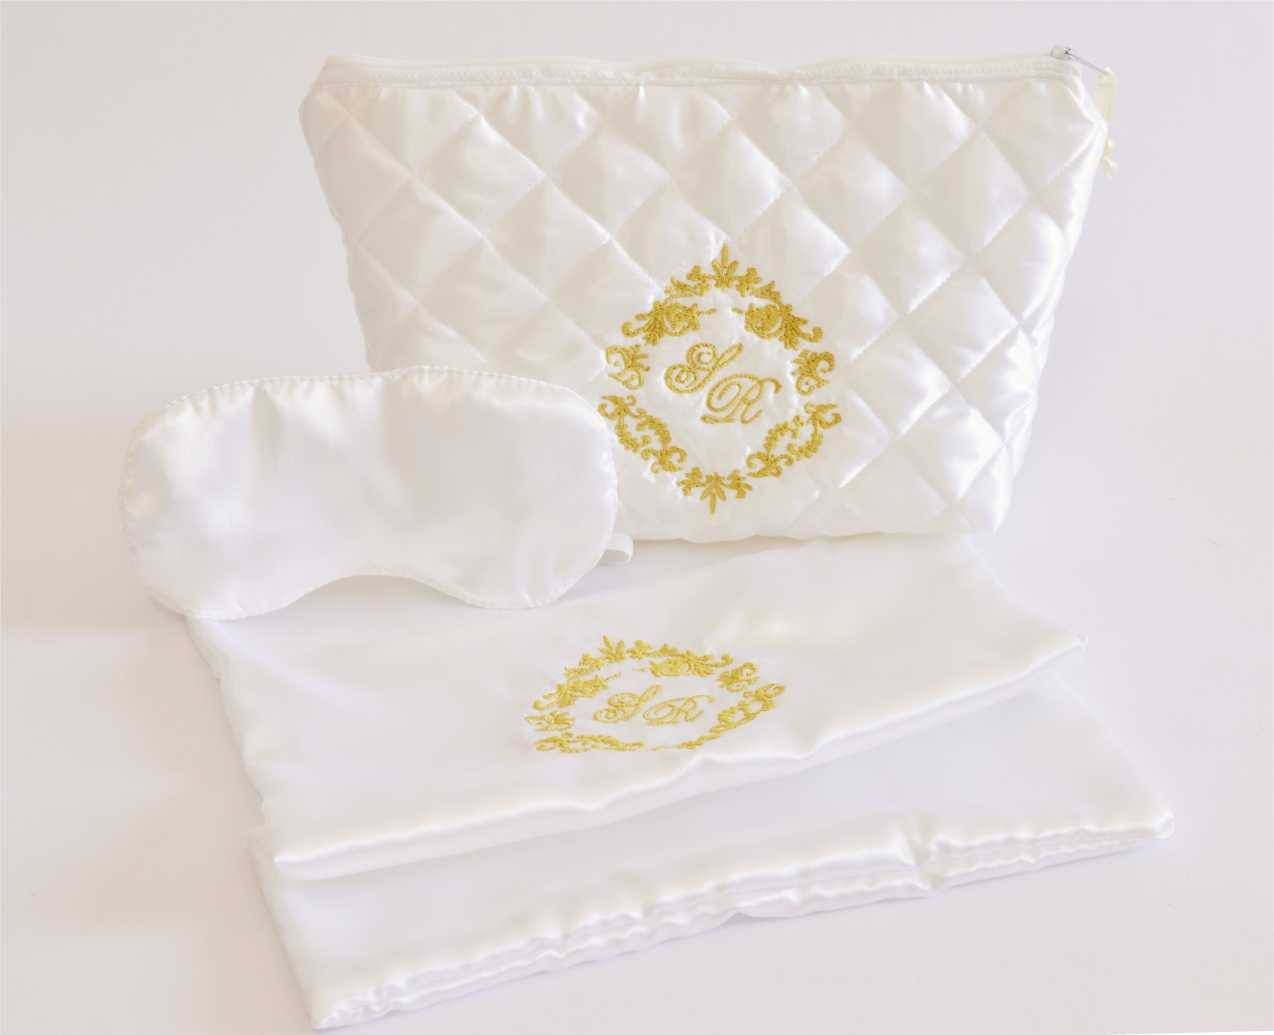 572a0152f Kit para madrinhas com necessaire, máscara de olhos e saquinho para  sandália branco com bordado em dourado e com monograma do casamento.